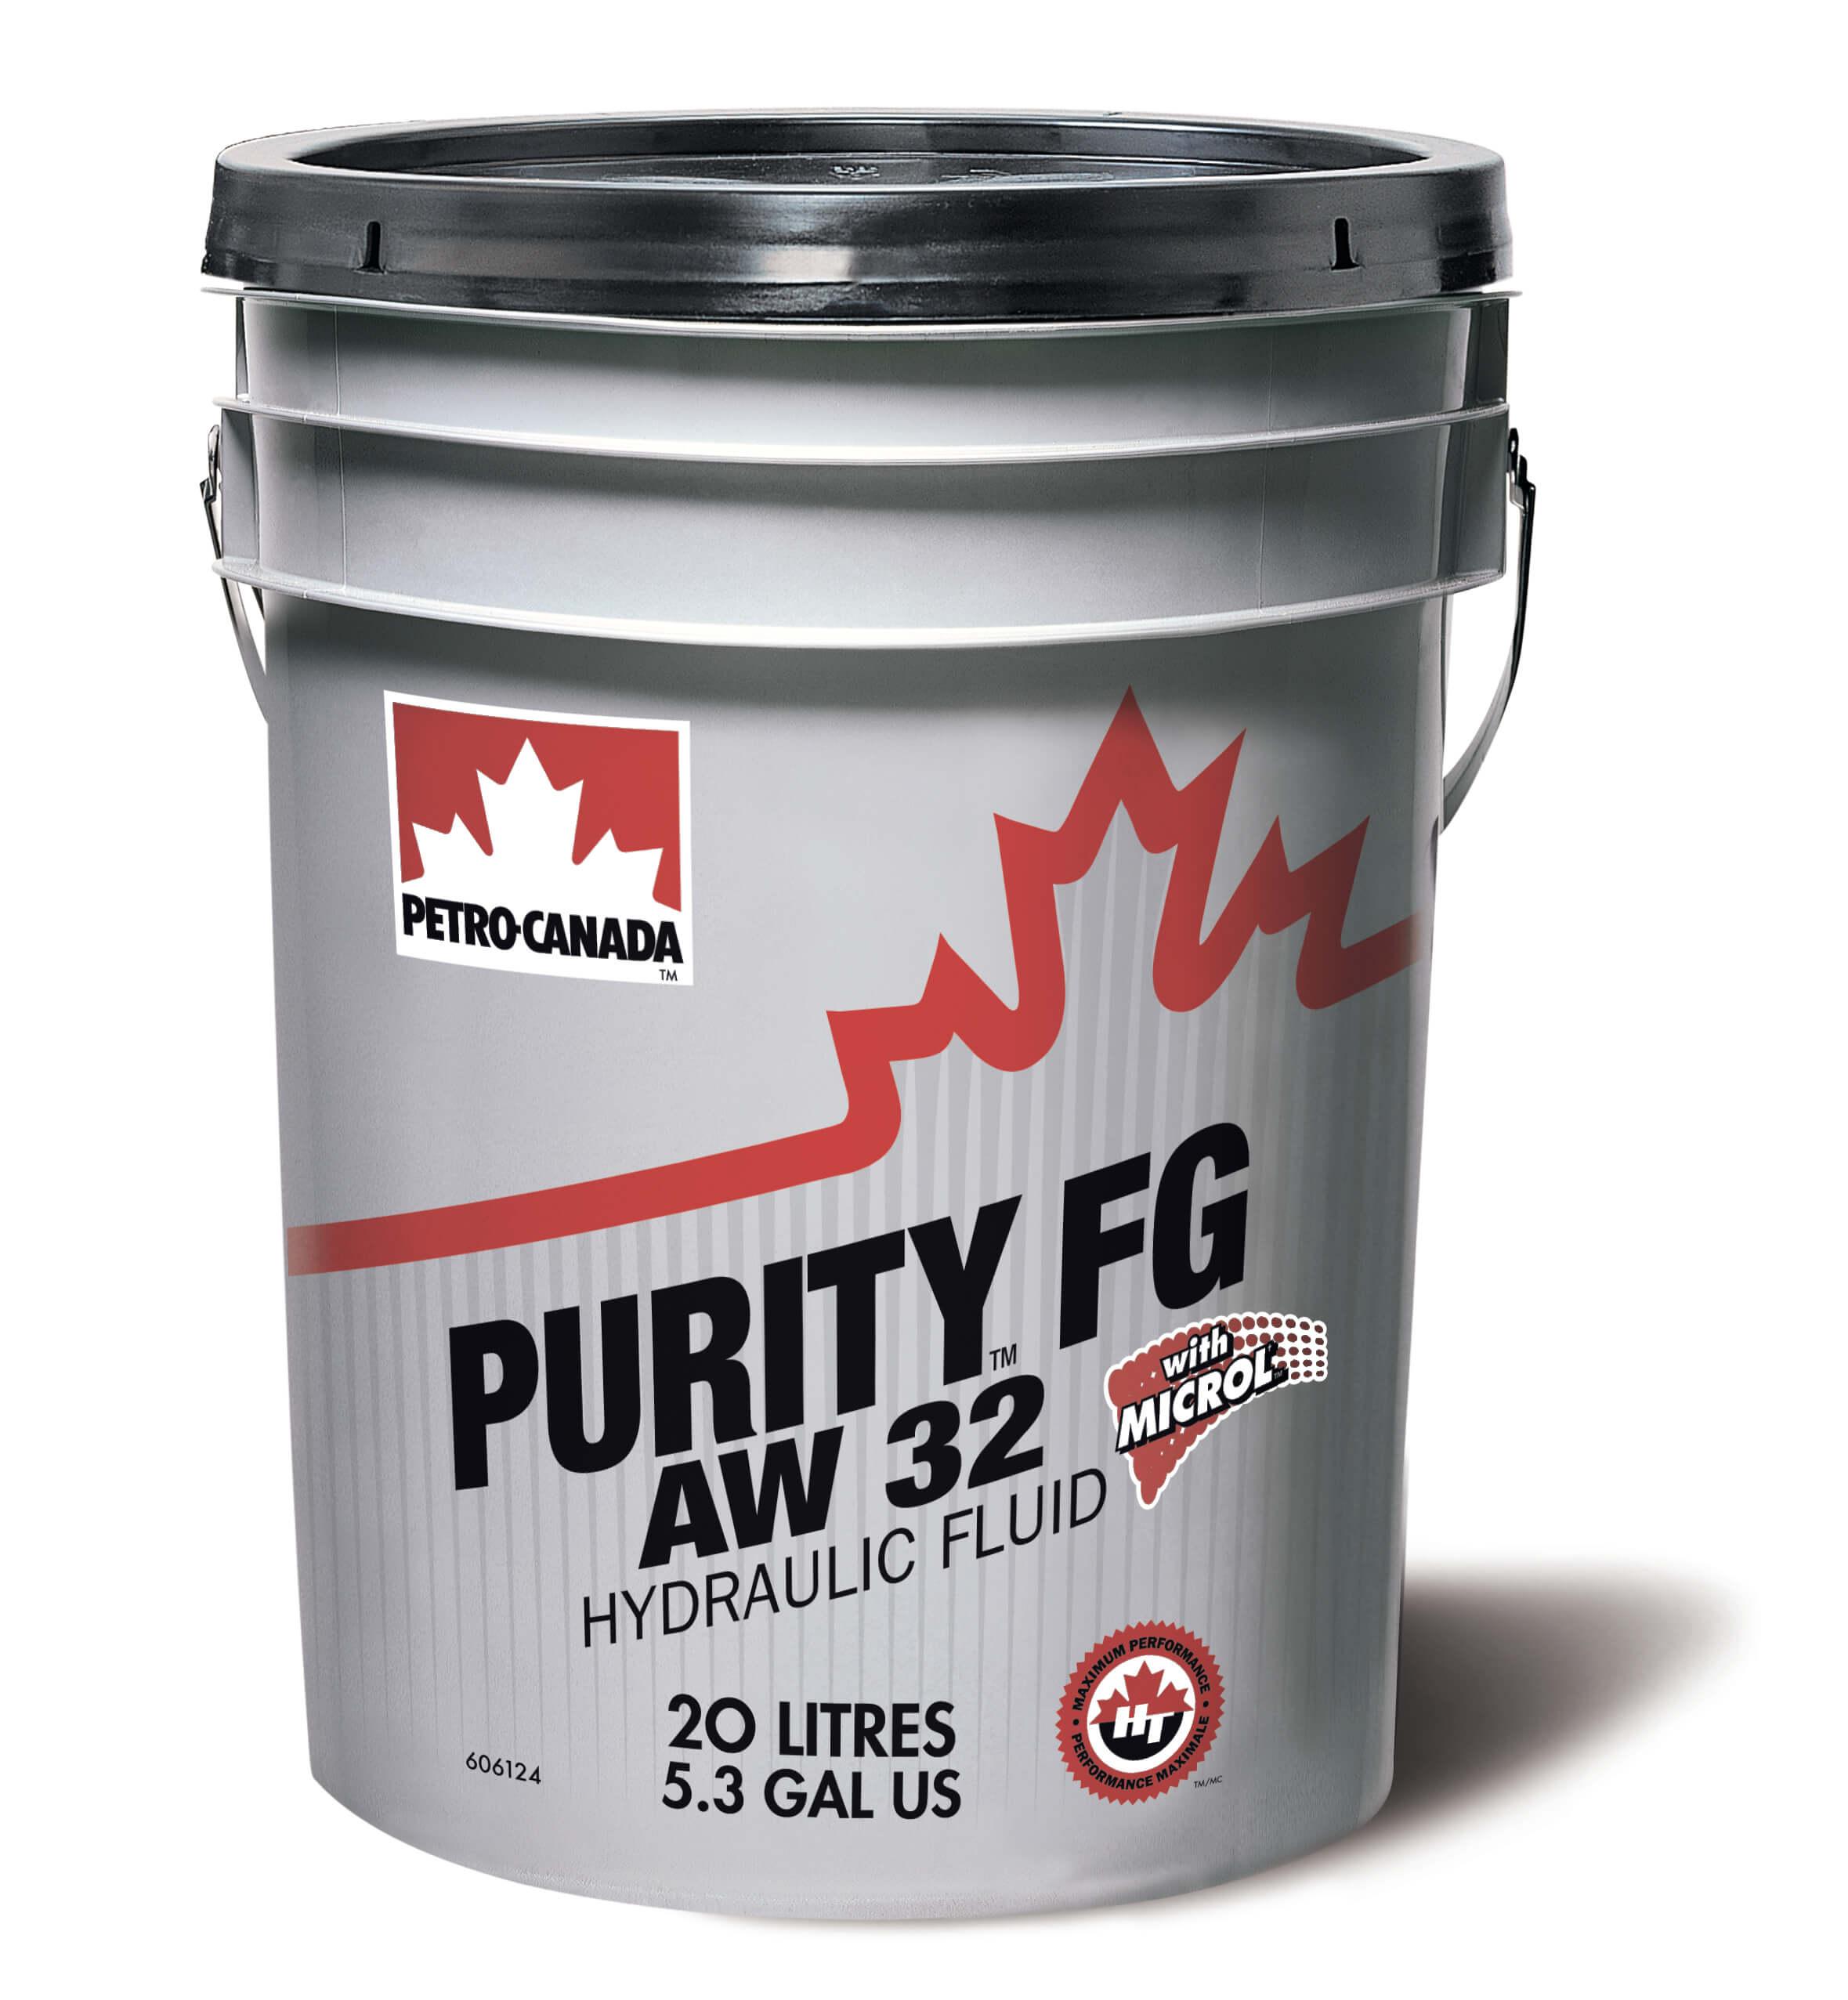 Petro-Canada Purity FG AW Hydraulic Fluid 32